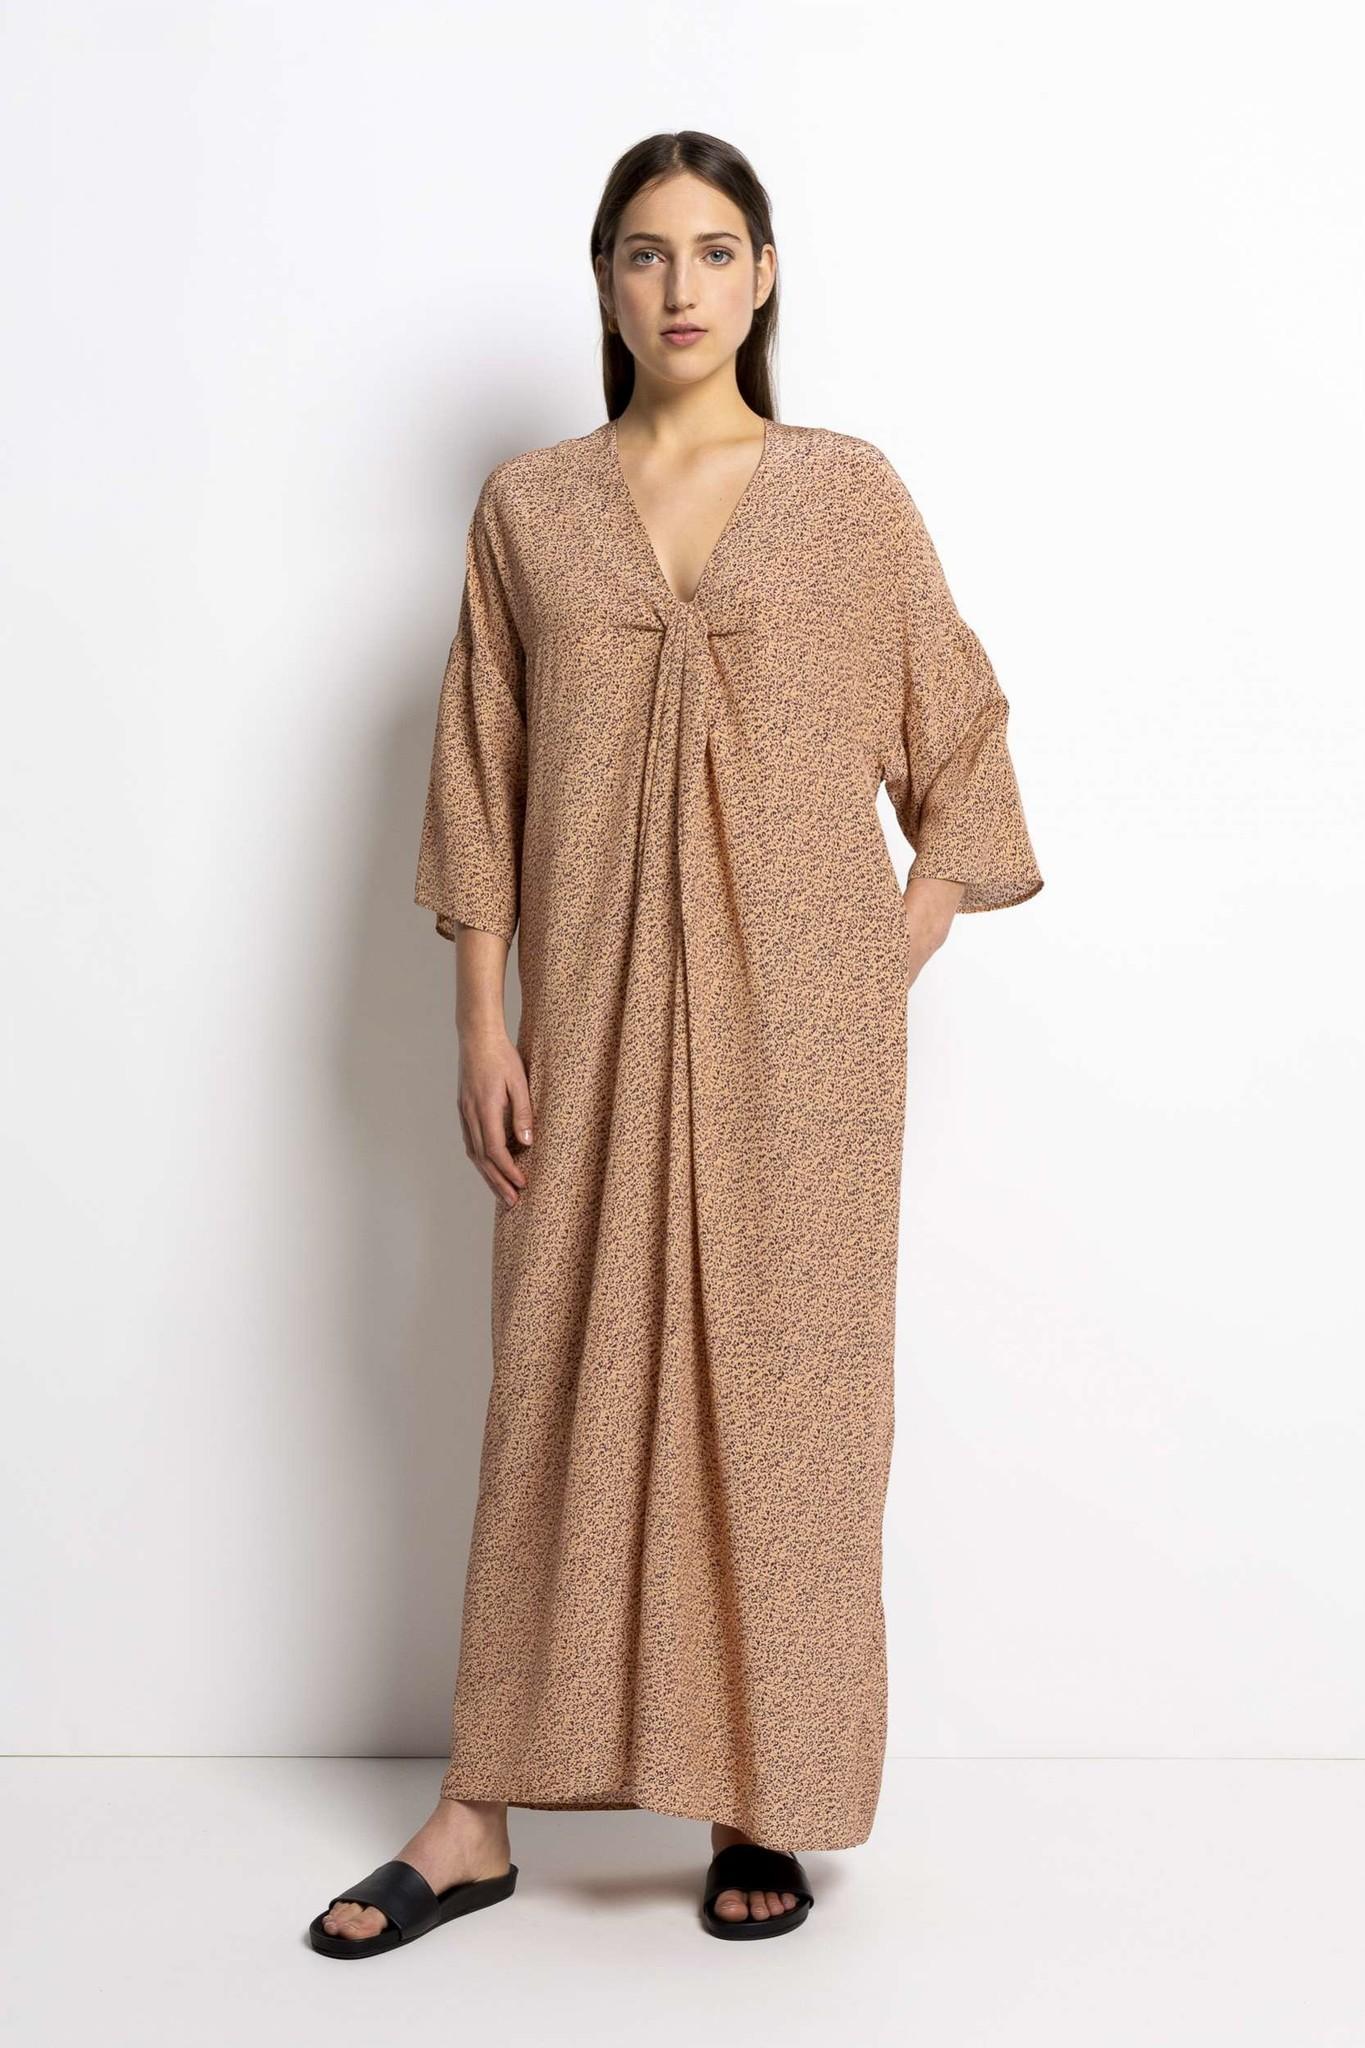 Bless Print Dress - Apricot-3